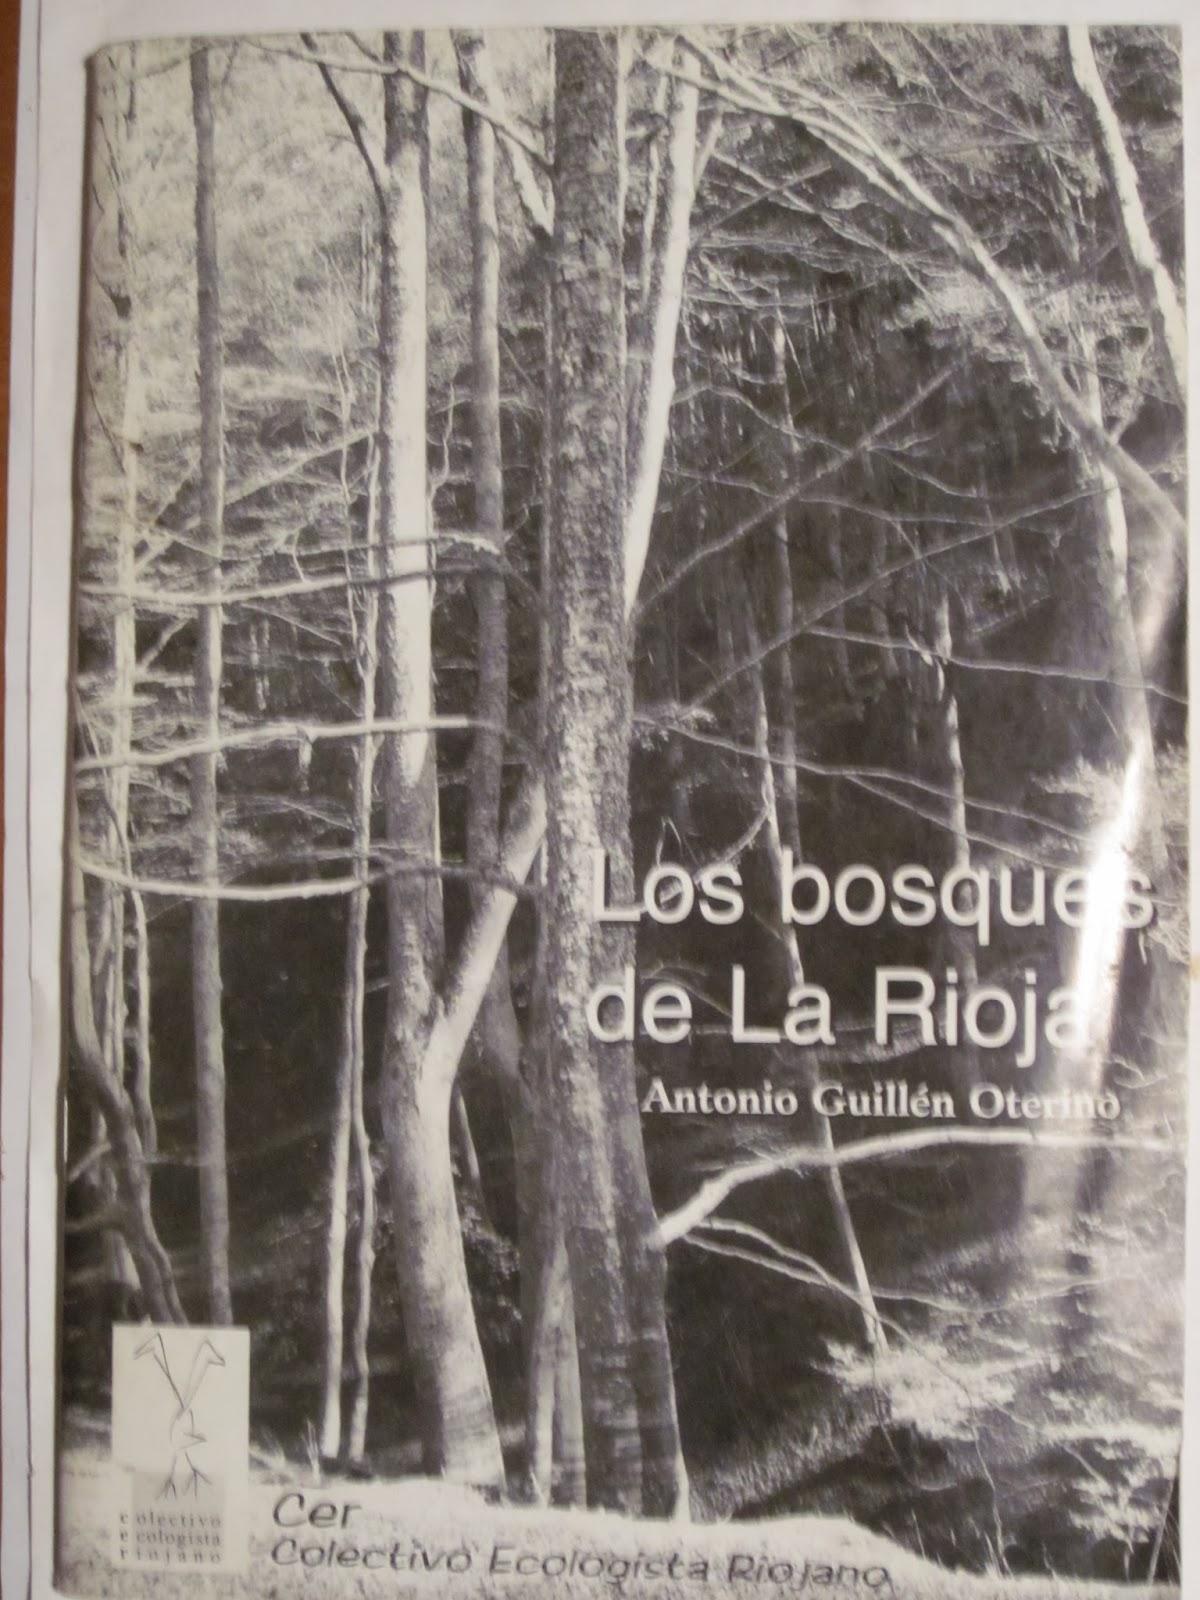 Guillén Oterino, Antonio, Los bosques de La Rioja